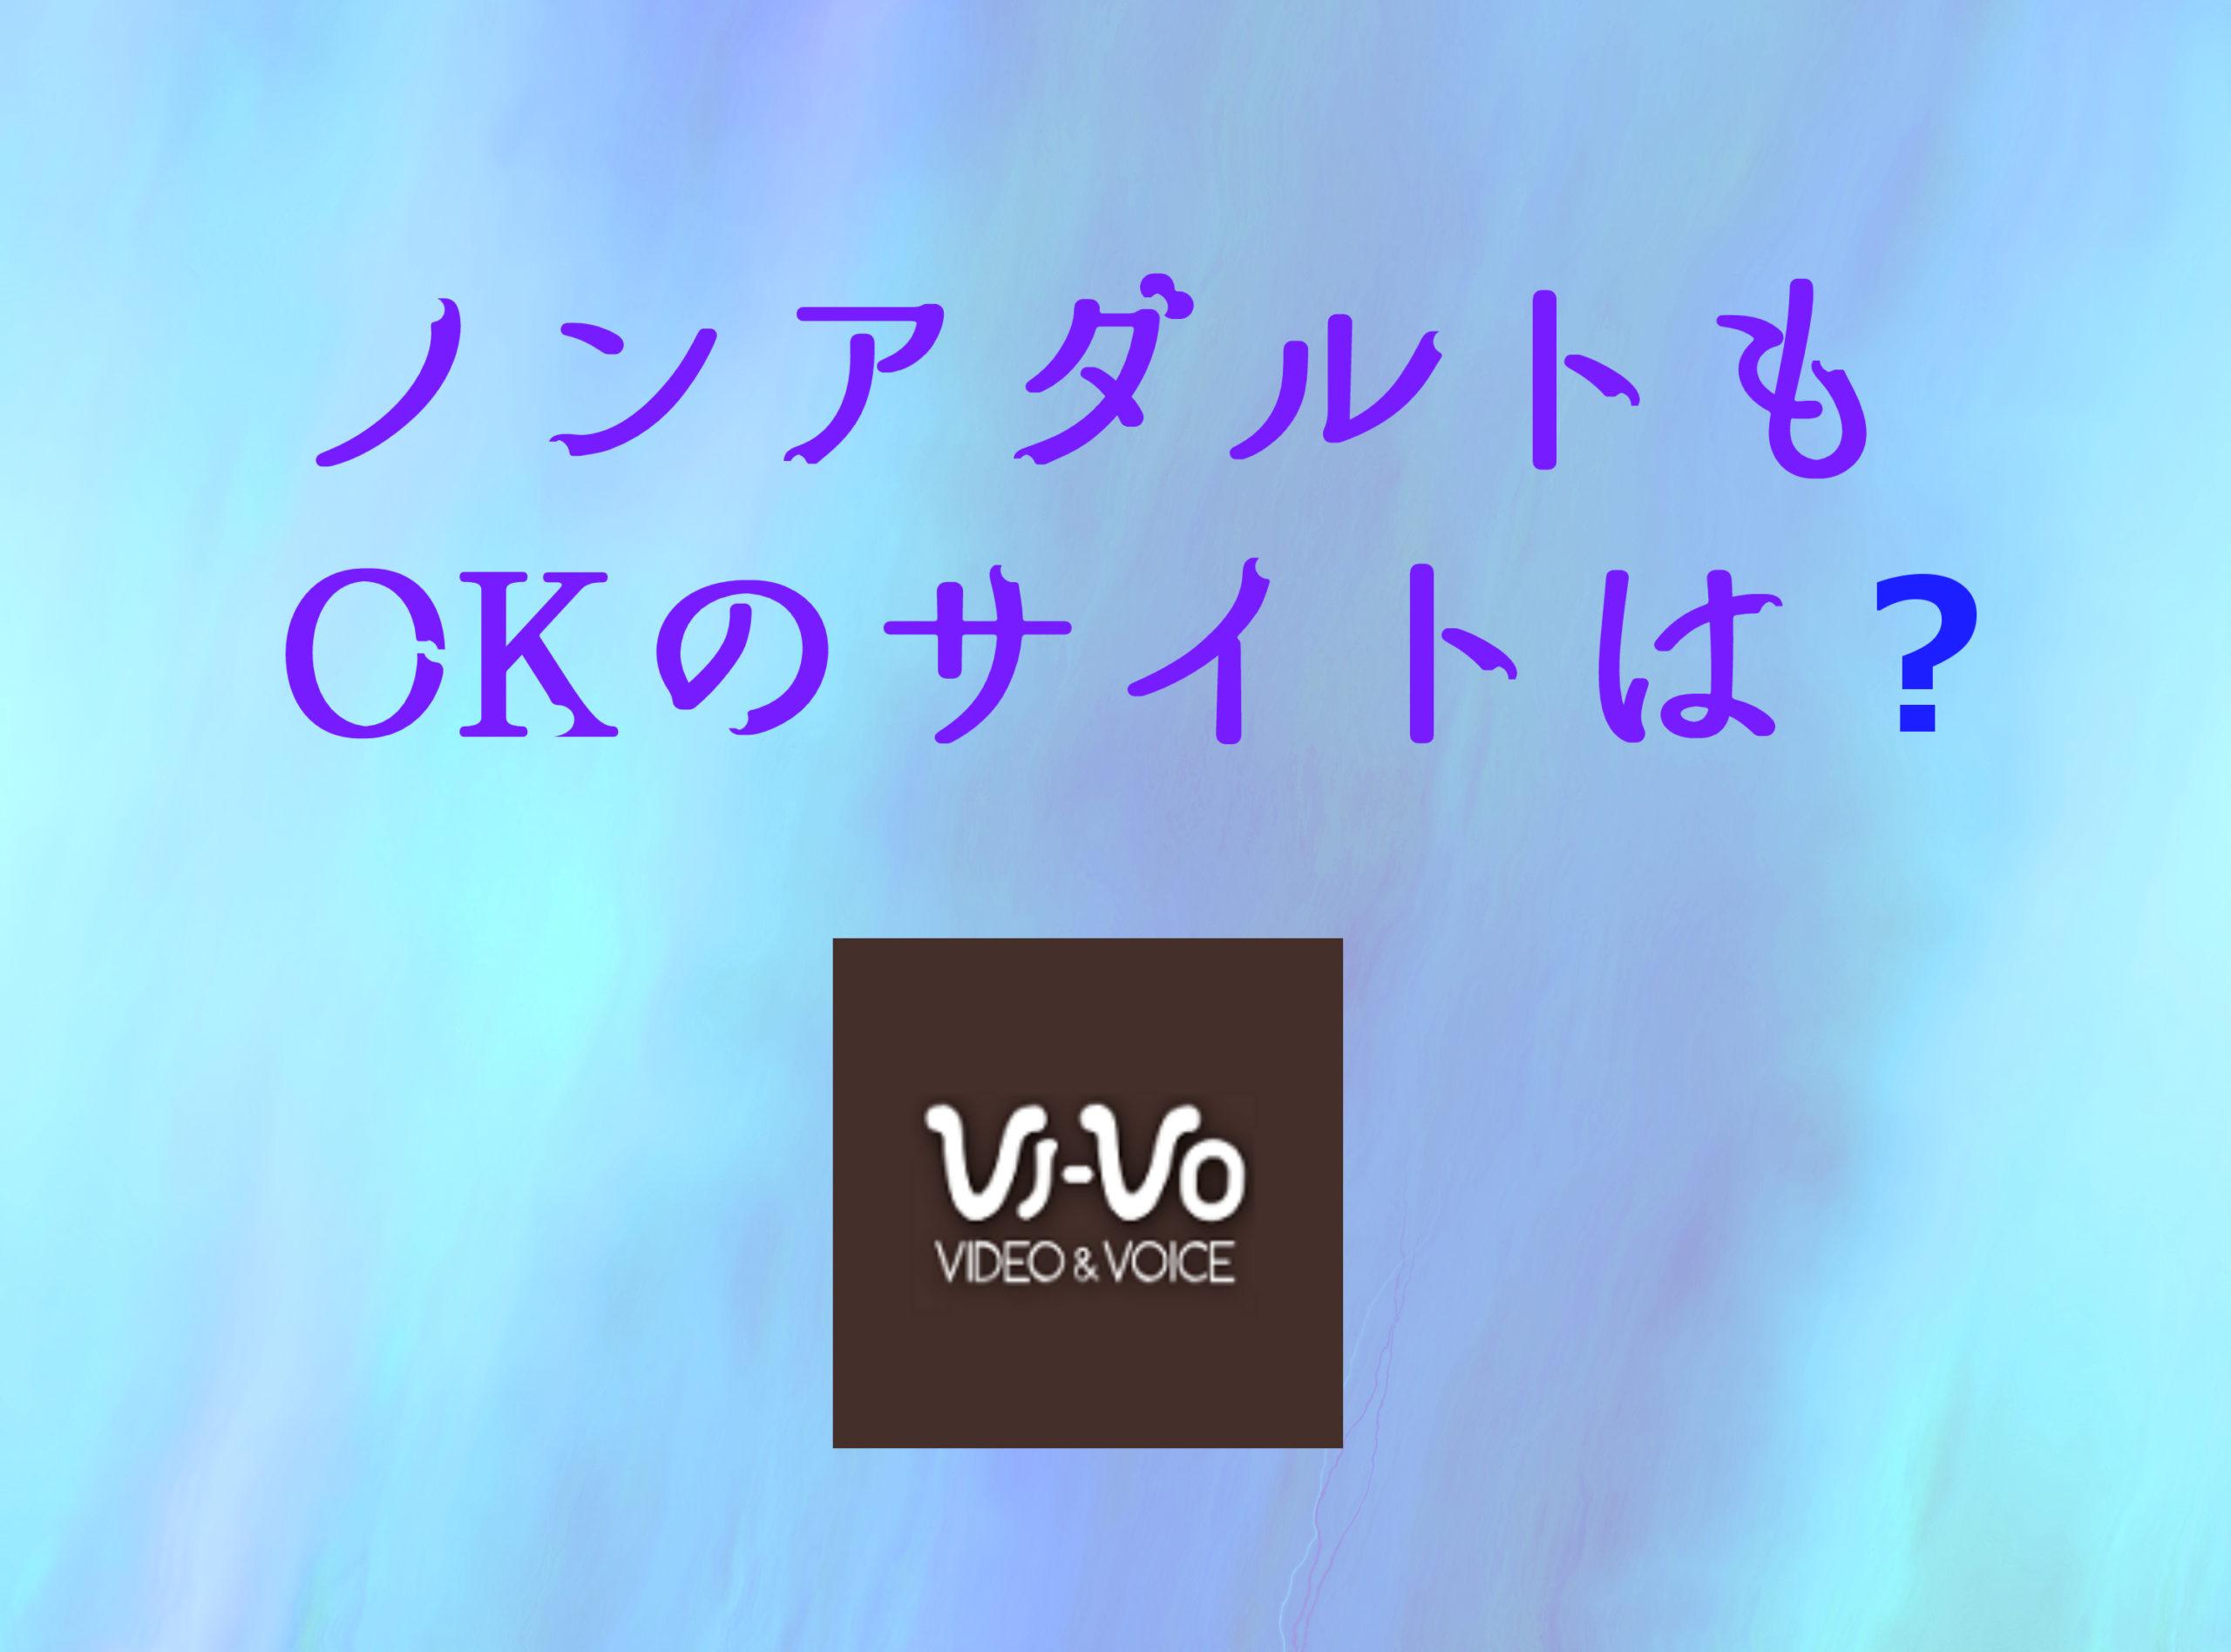 VI-VOはノンアダルトでもOK!ノンアダルトでもガッツリ稼ぐ具体的な方法とは?